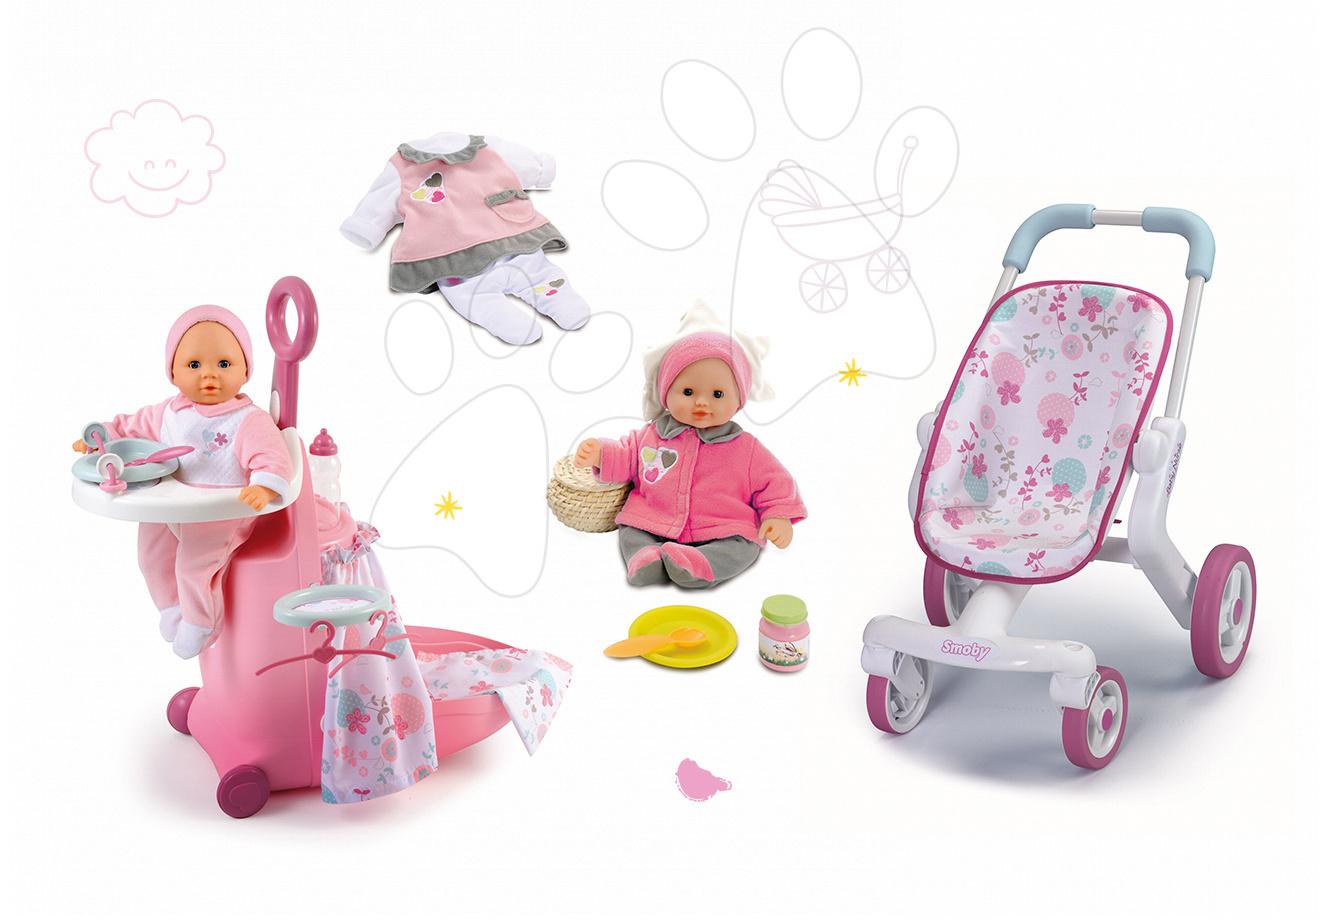 Set pečovatelský kufřík pro panenku Baby Nurse Smoby, panenka se šatičkami 32 cm a sportovní kočárek pro panenku (53,5 cm ručka)